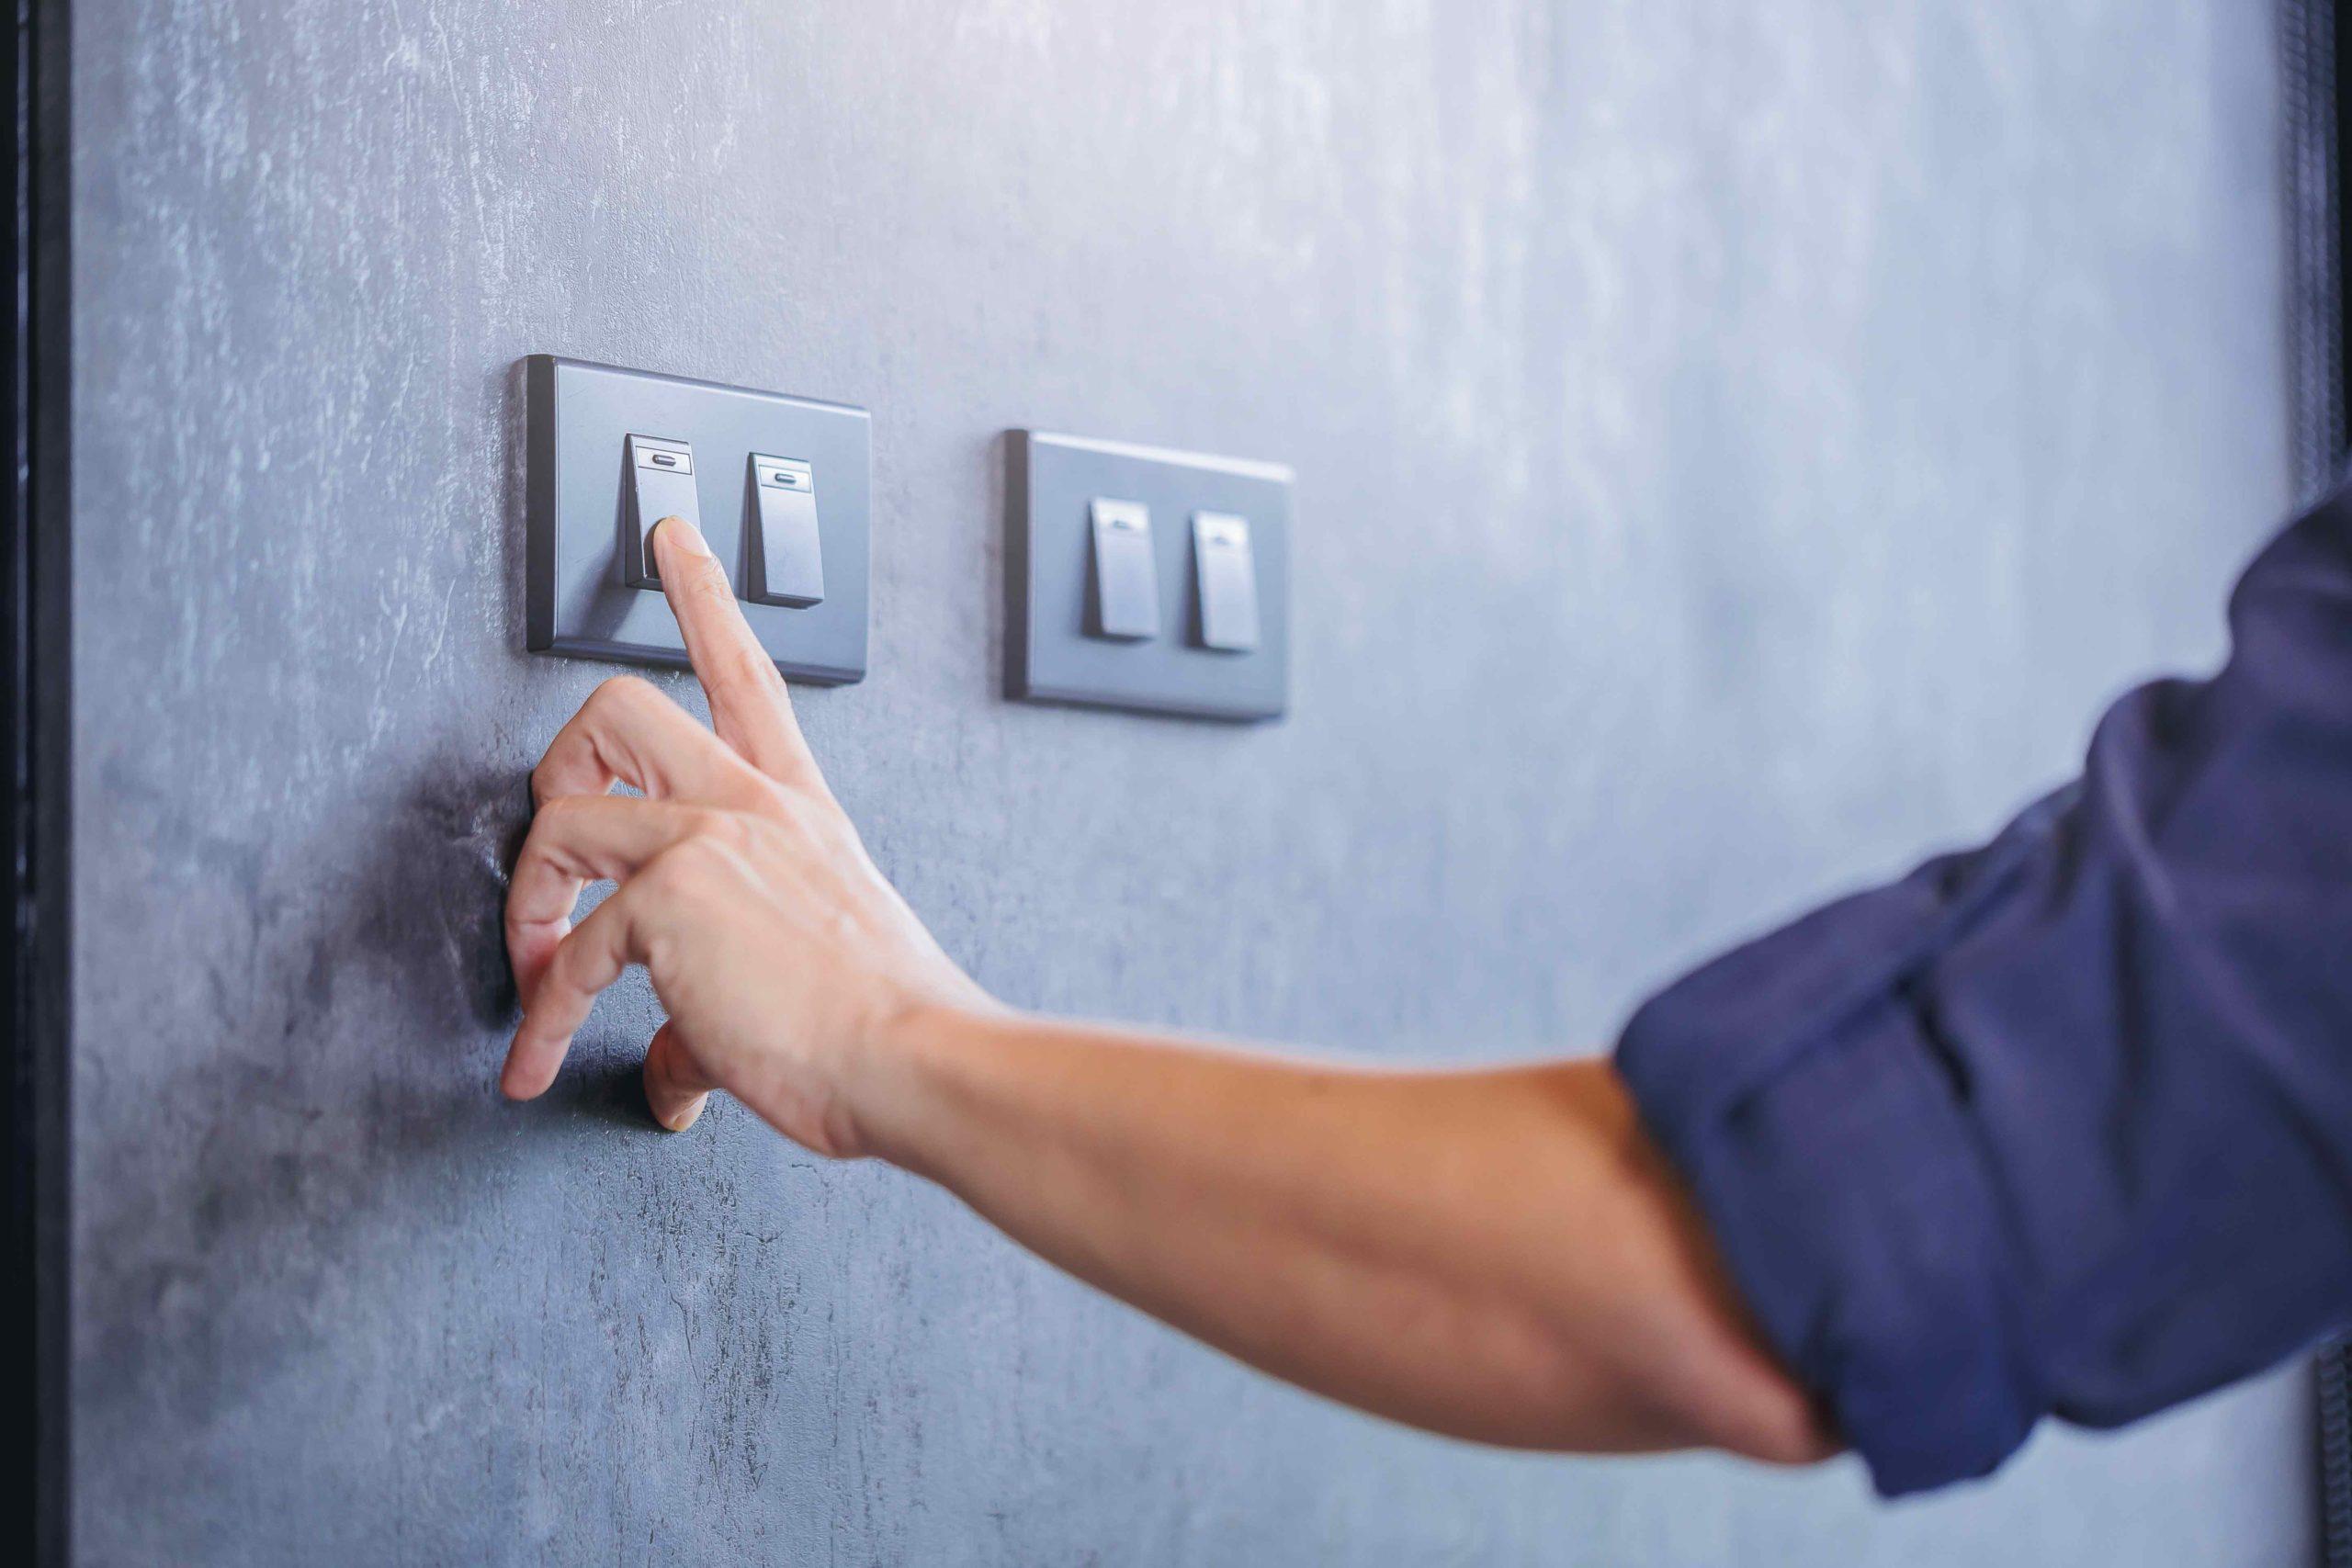 Une homme appuie sur un interupteur afin d'éteindre la lumière pour faire des économies d'énergie